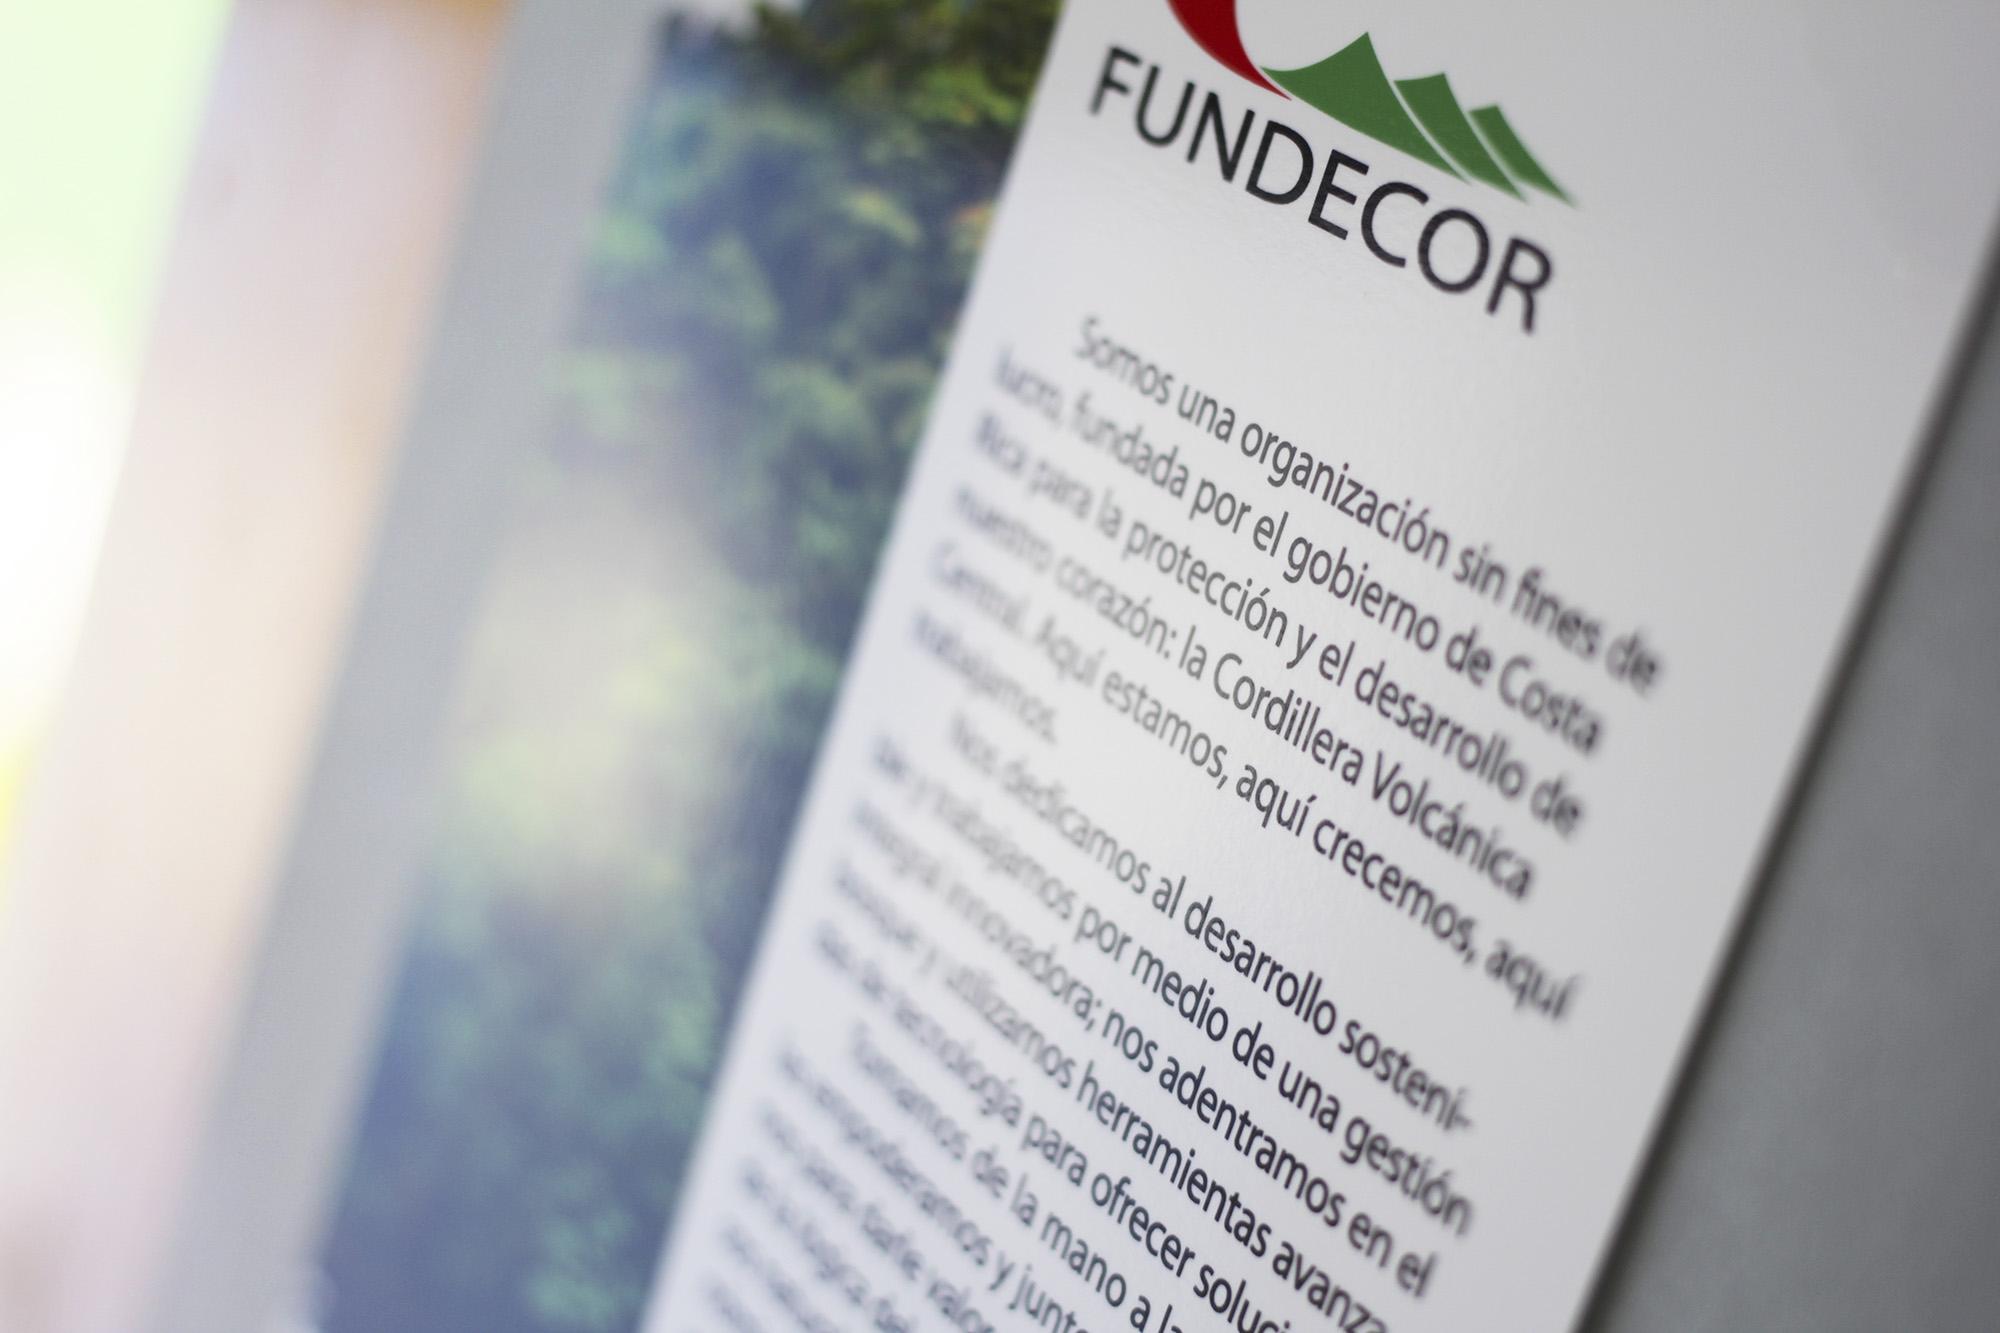 fundecor web 1.jpg